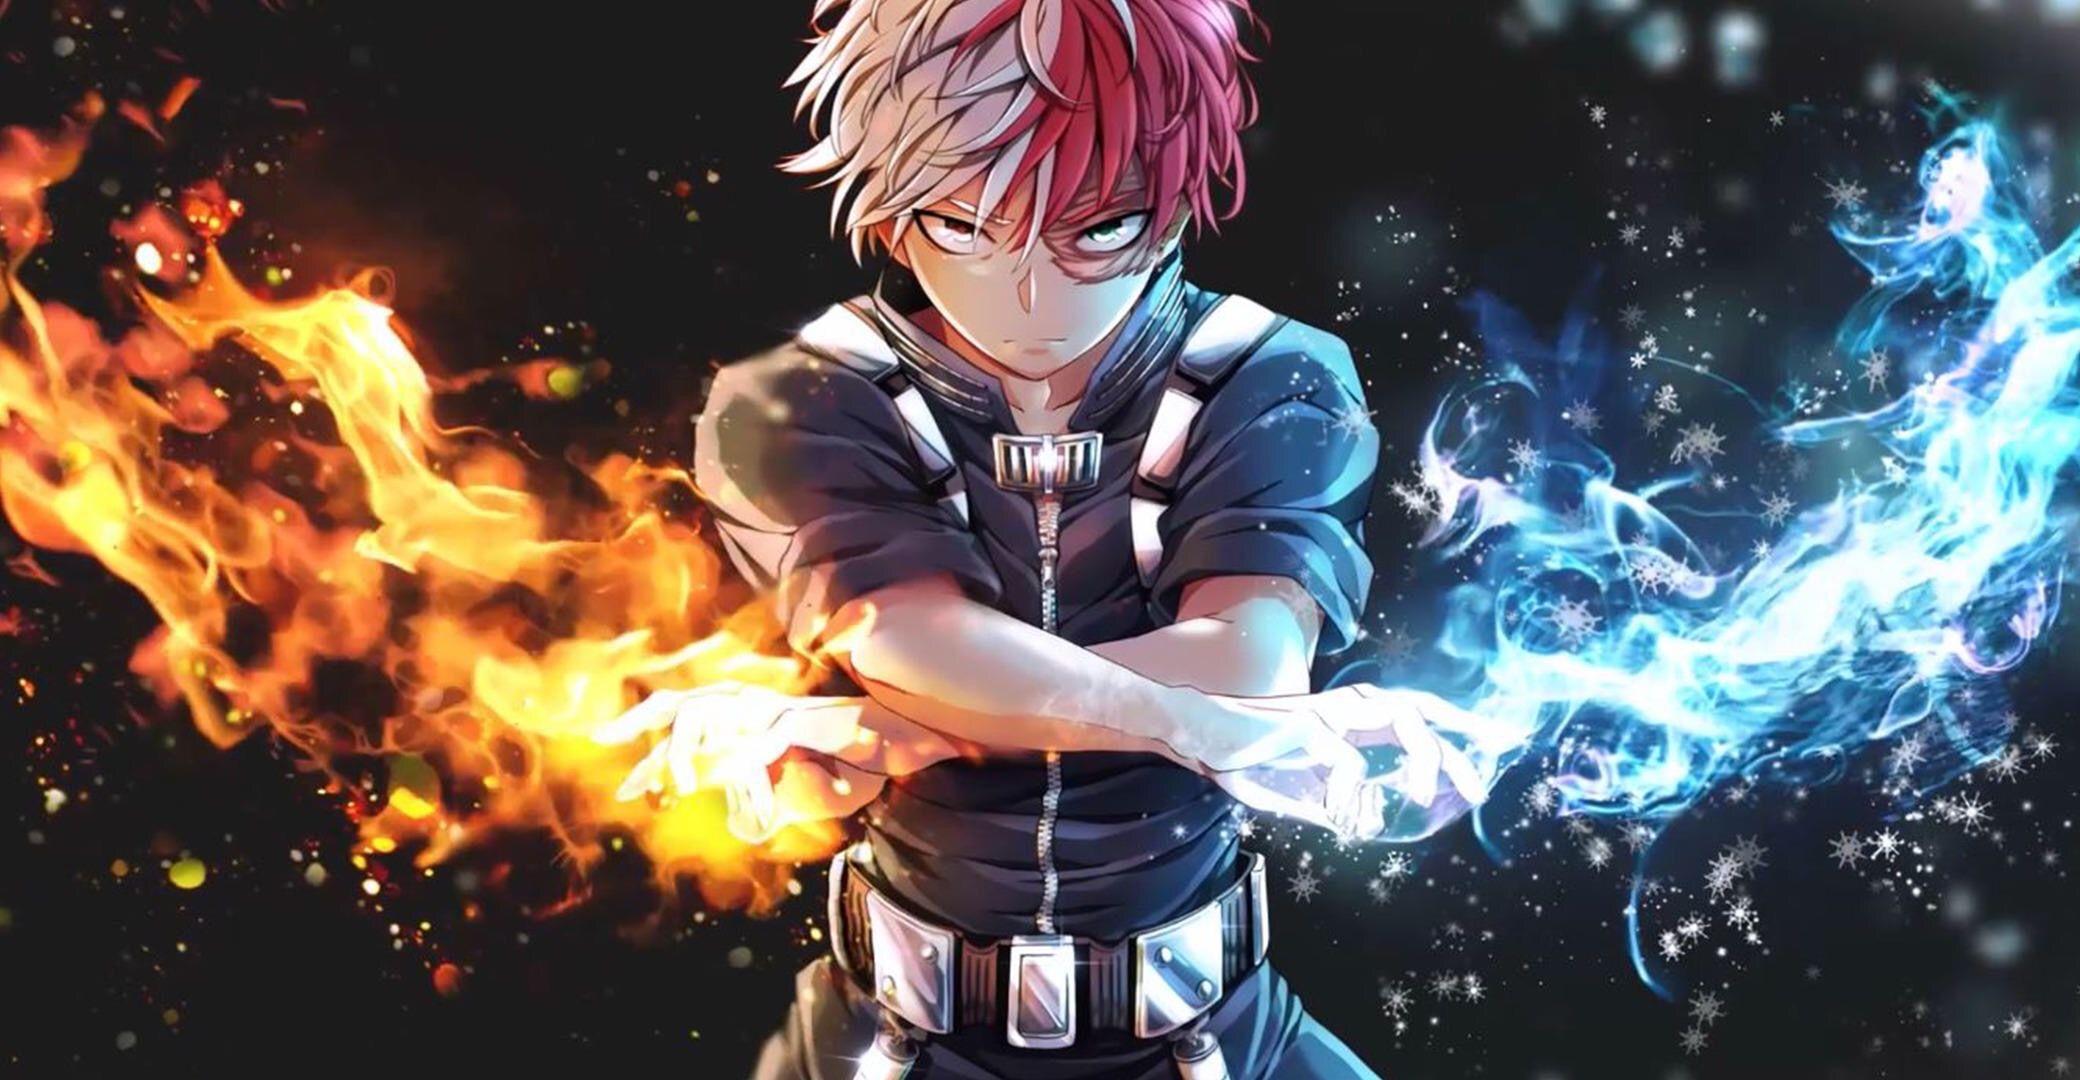 Pin By Seishin Ki 08 On Animes In 2020 Cool Anime Wallpapers Anime Wallpaper Live Cute Anime Wallpaper